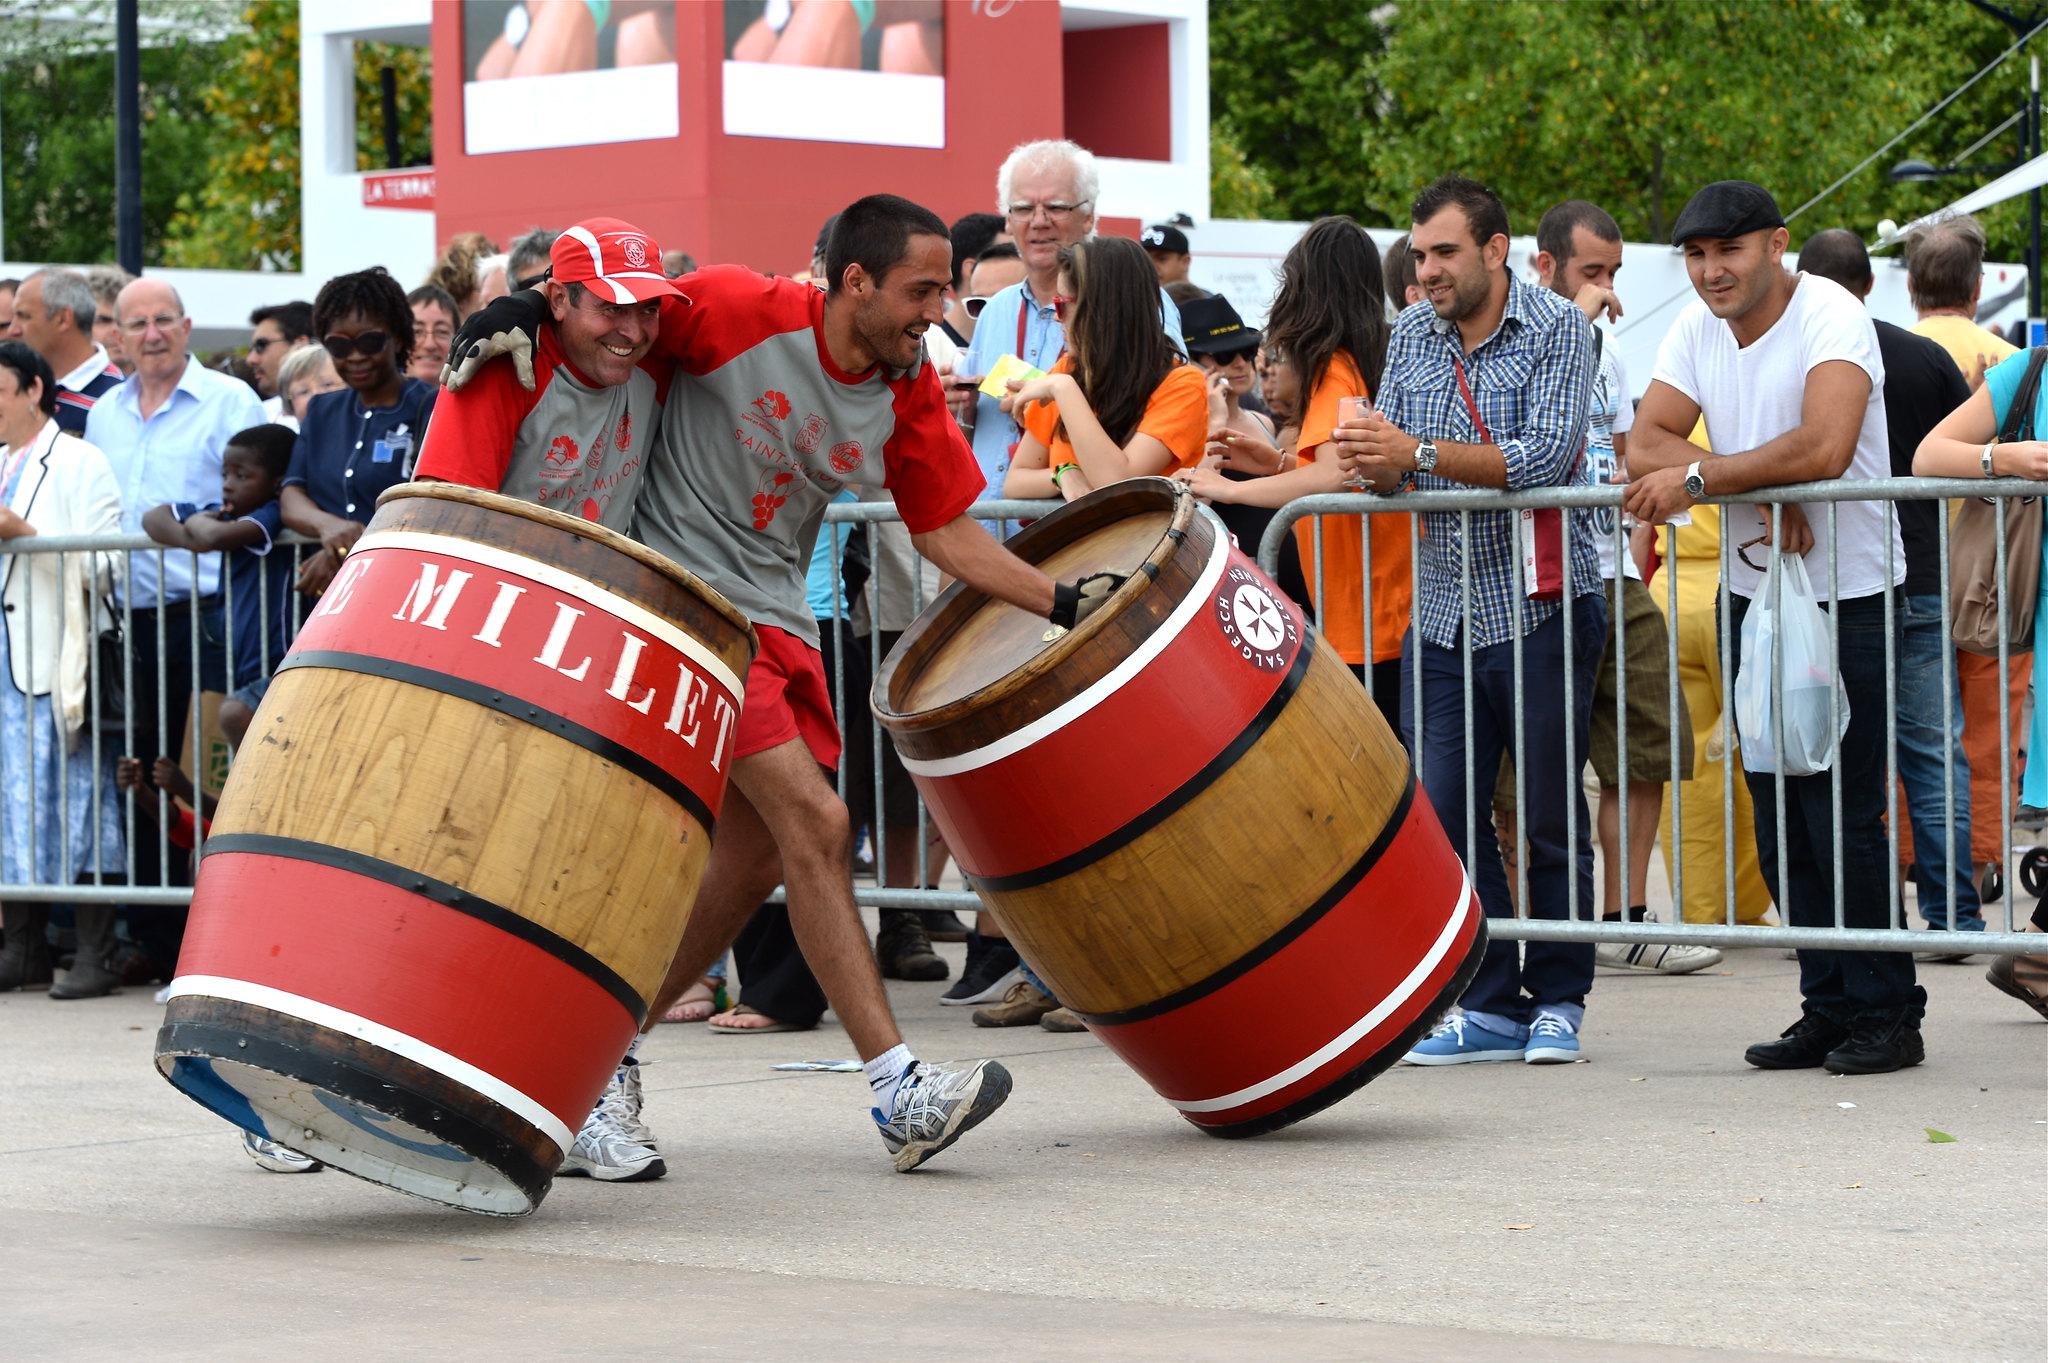 """La """"Course des rouleurs de barriques"""" organisée par le Club de Lussac Saint-Emilion"""